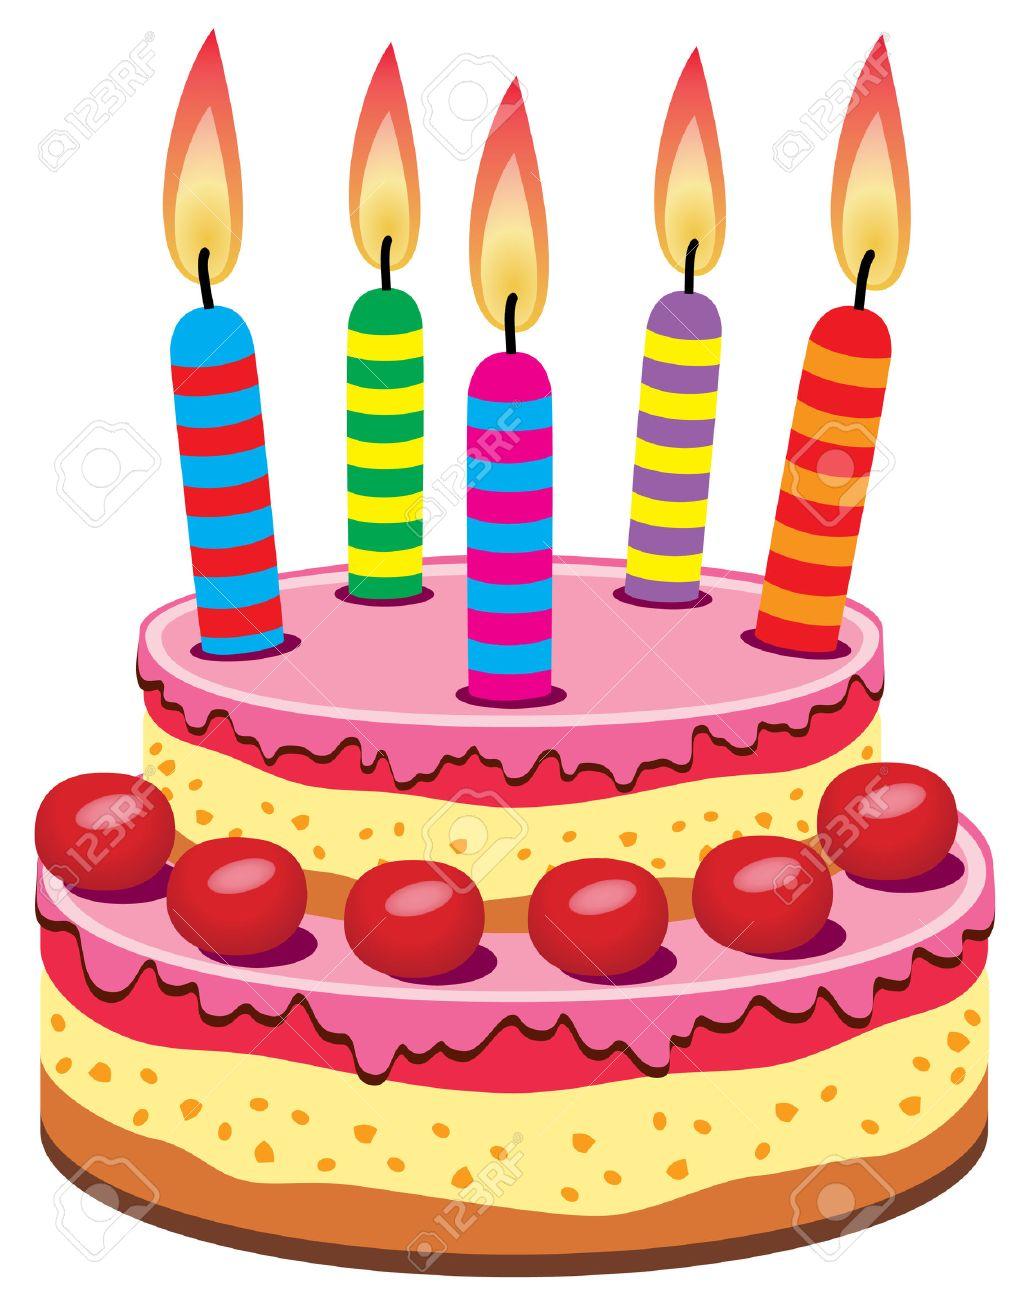 Resultado de imagen de pastel de cumpleaños